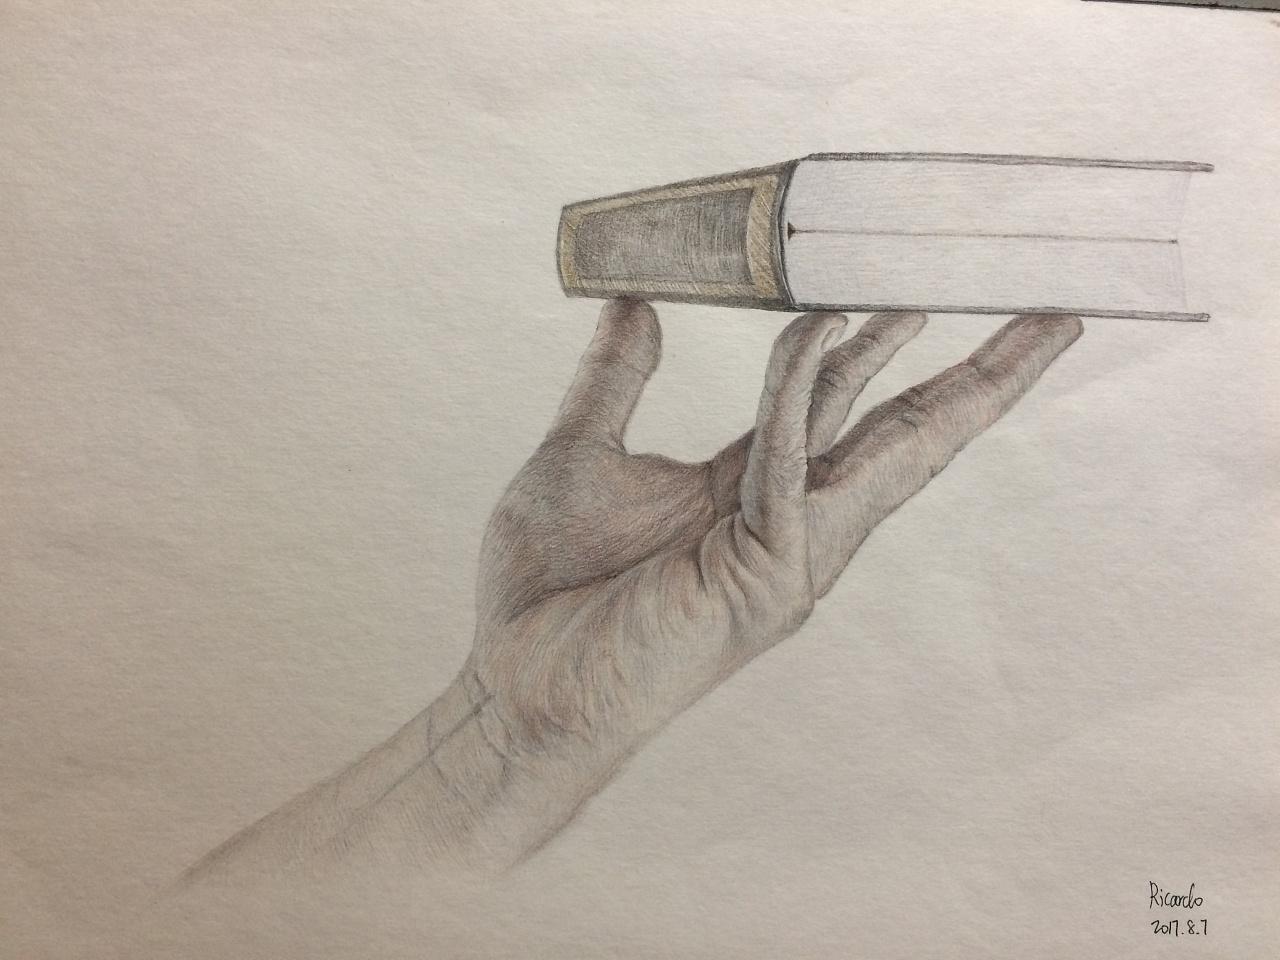 手绘彩铅画,托着书的手,素材来自网络.